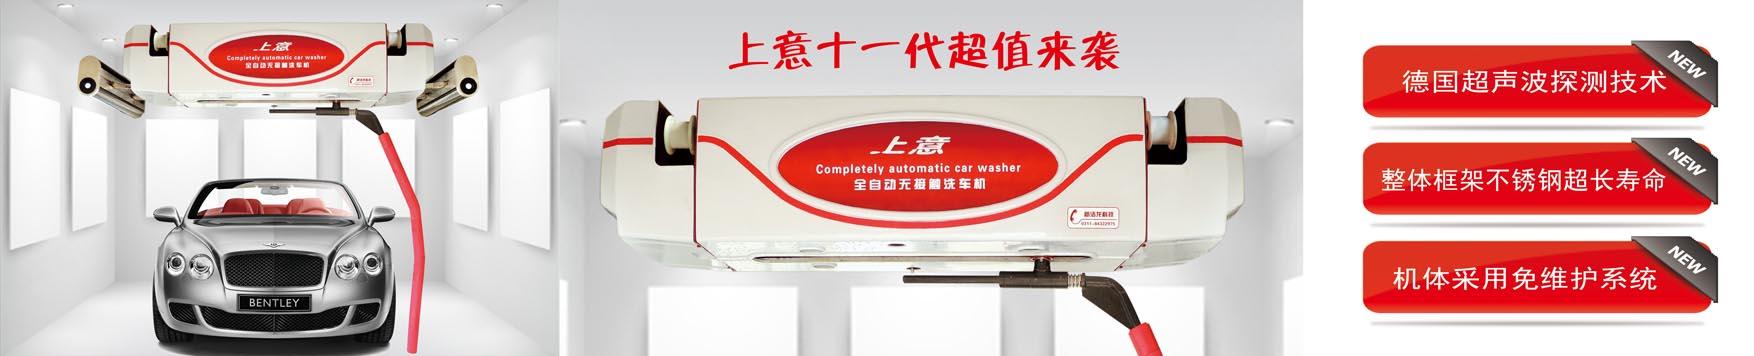 新洁龙上意自动洗车机加盟费用,新洁龙上意自动洗车机招商代理_1